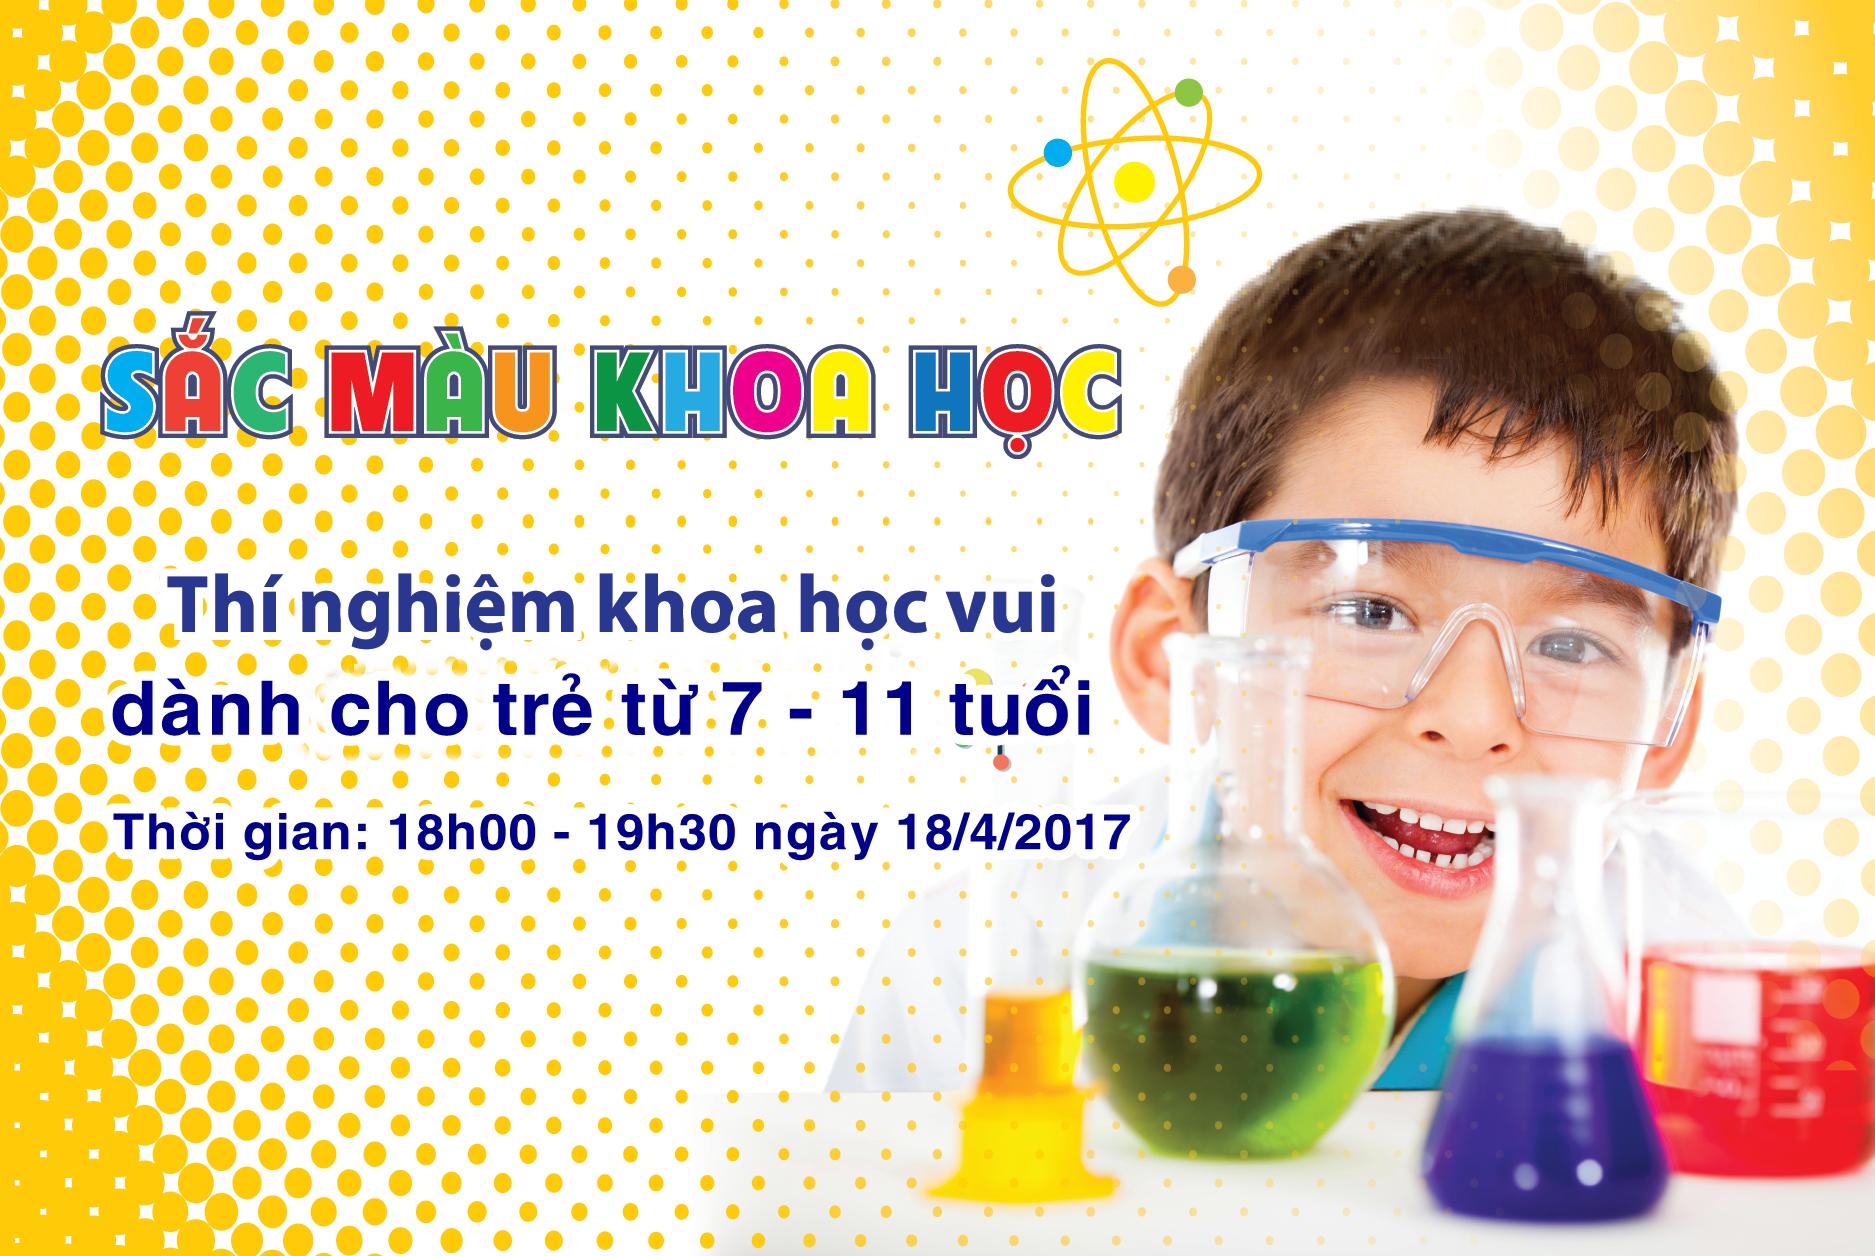 thí nghiệm khoa học vui dành cho trẻ